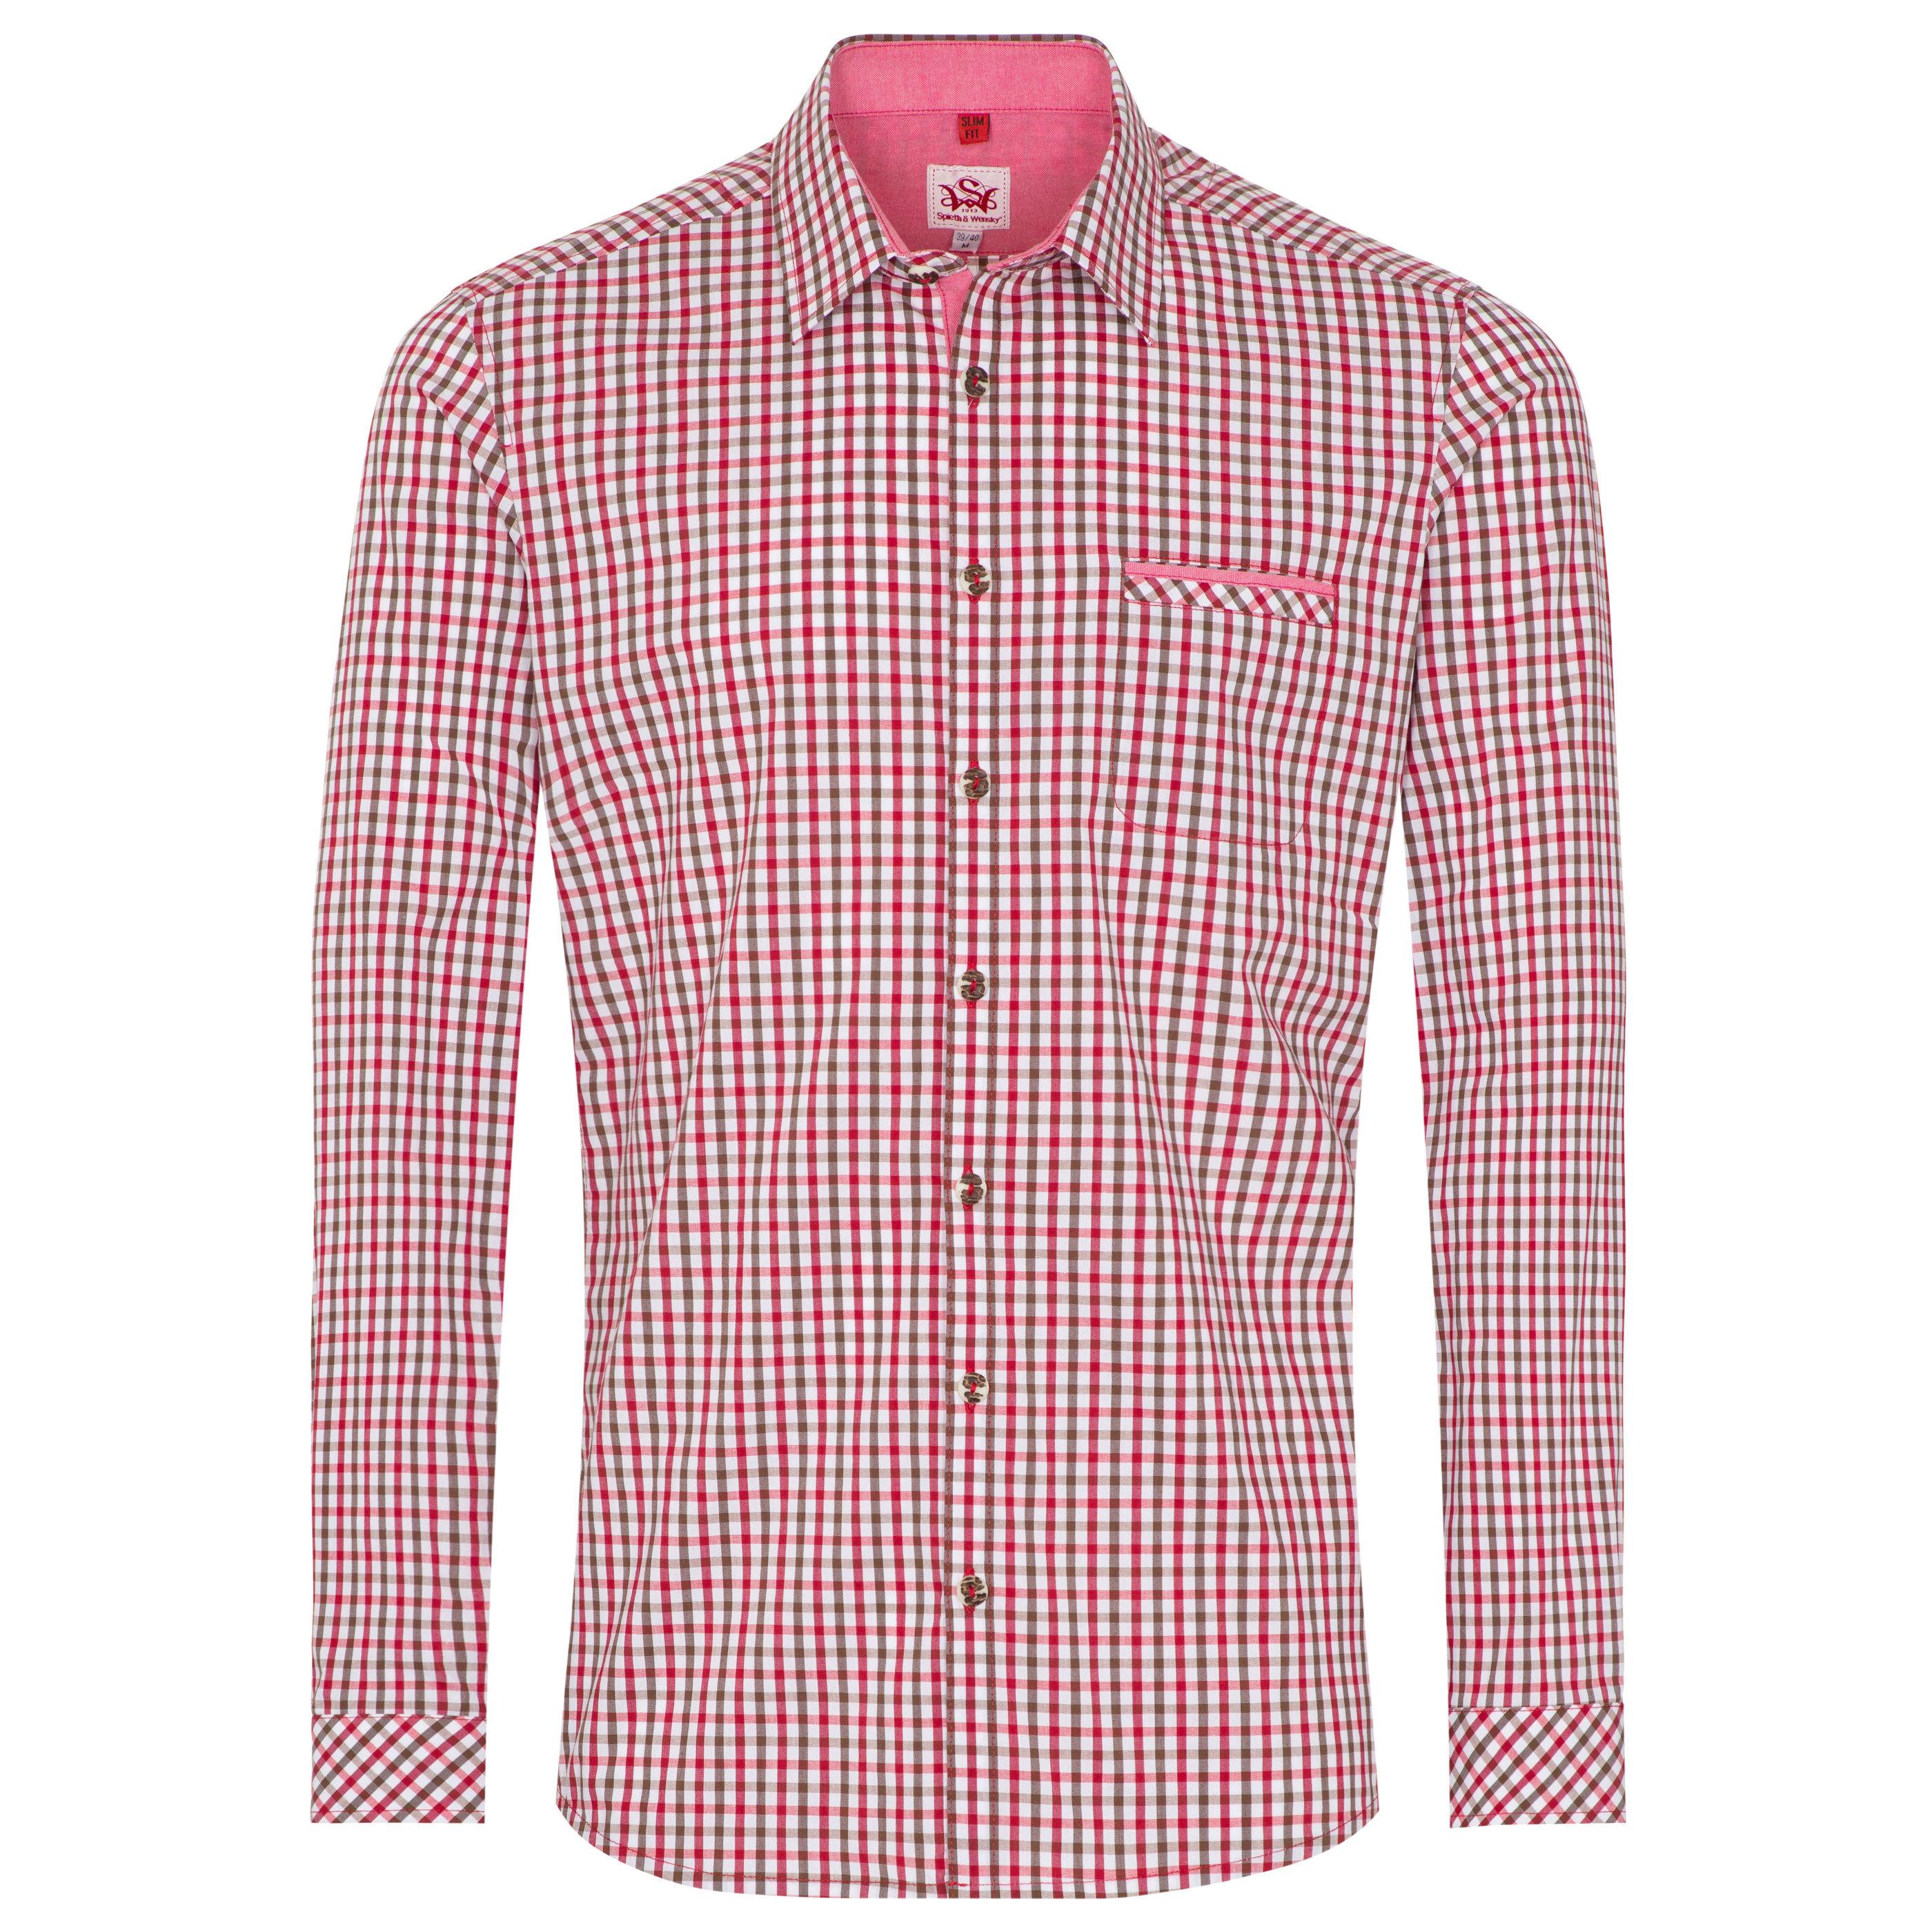 Spieth & Wensky Trachtenhemd Koblenz | Bekleidung > Hemden > Trachtenhemden | Spieth & Wensky